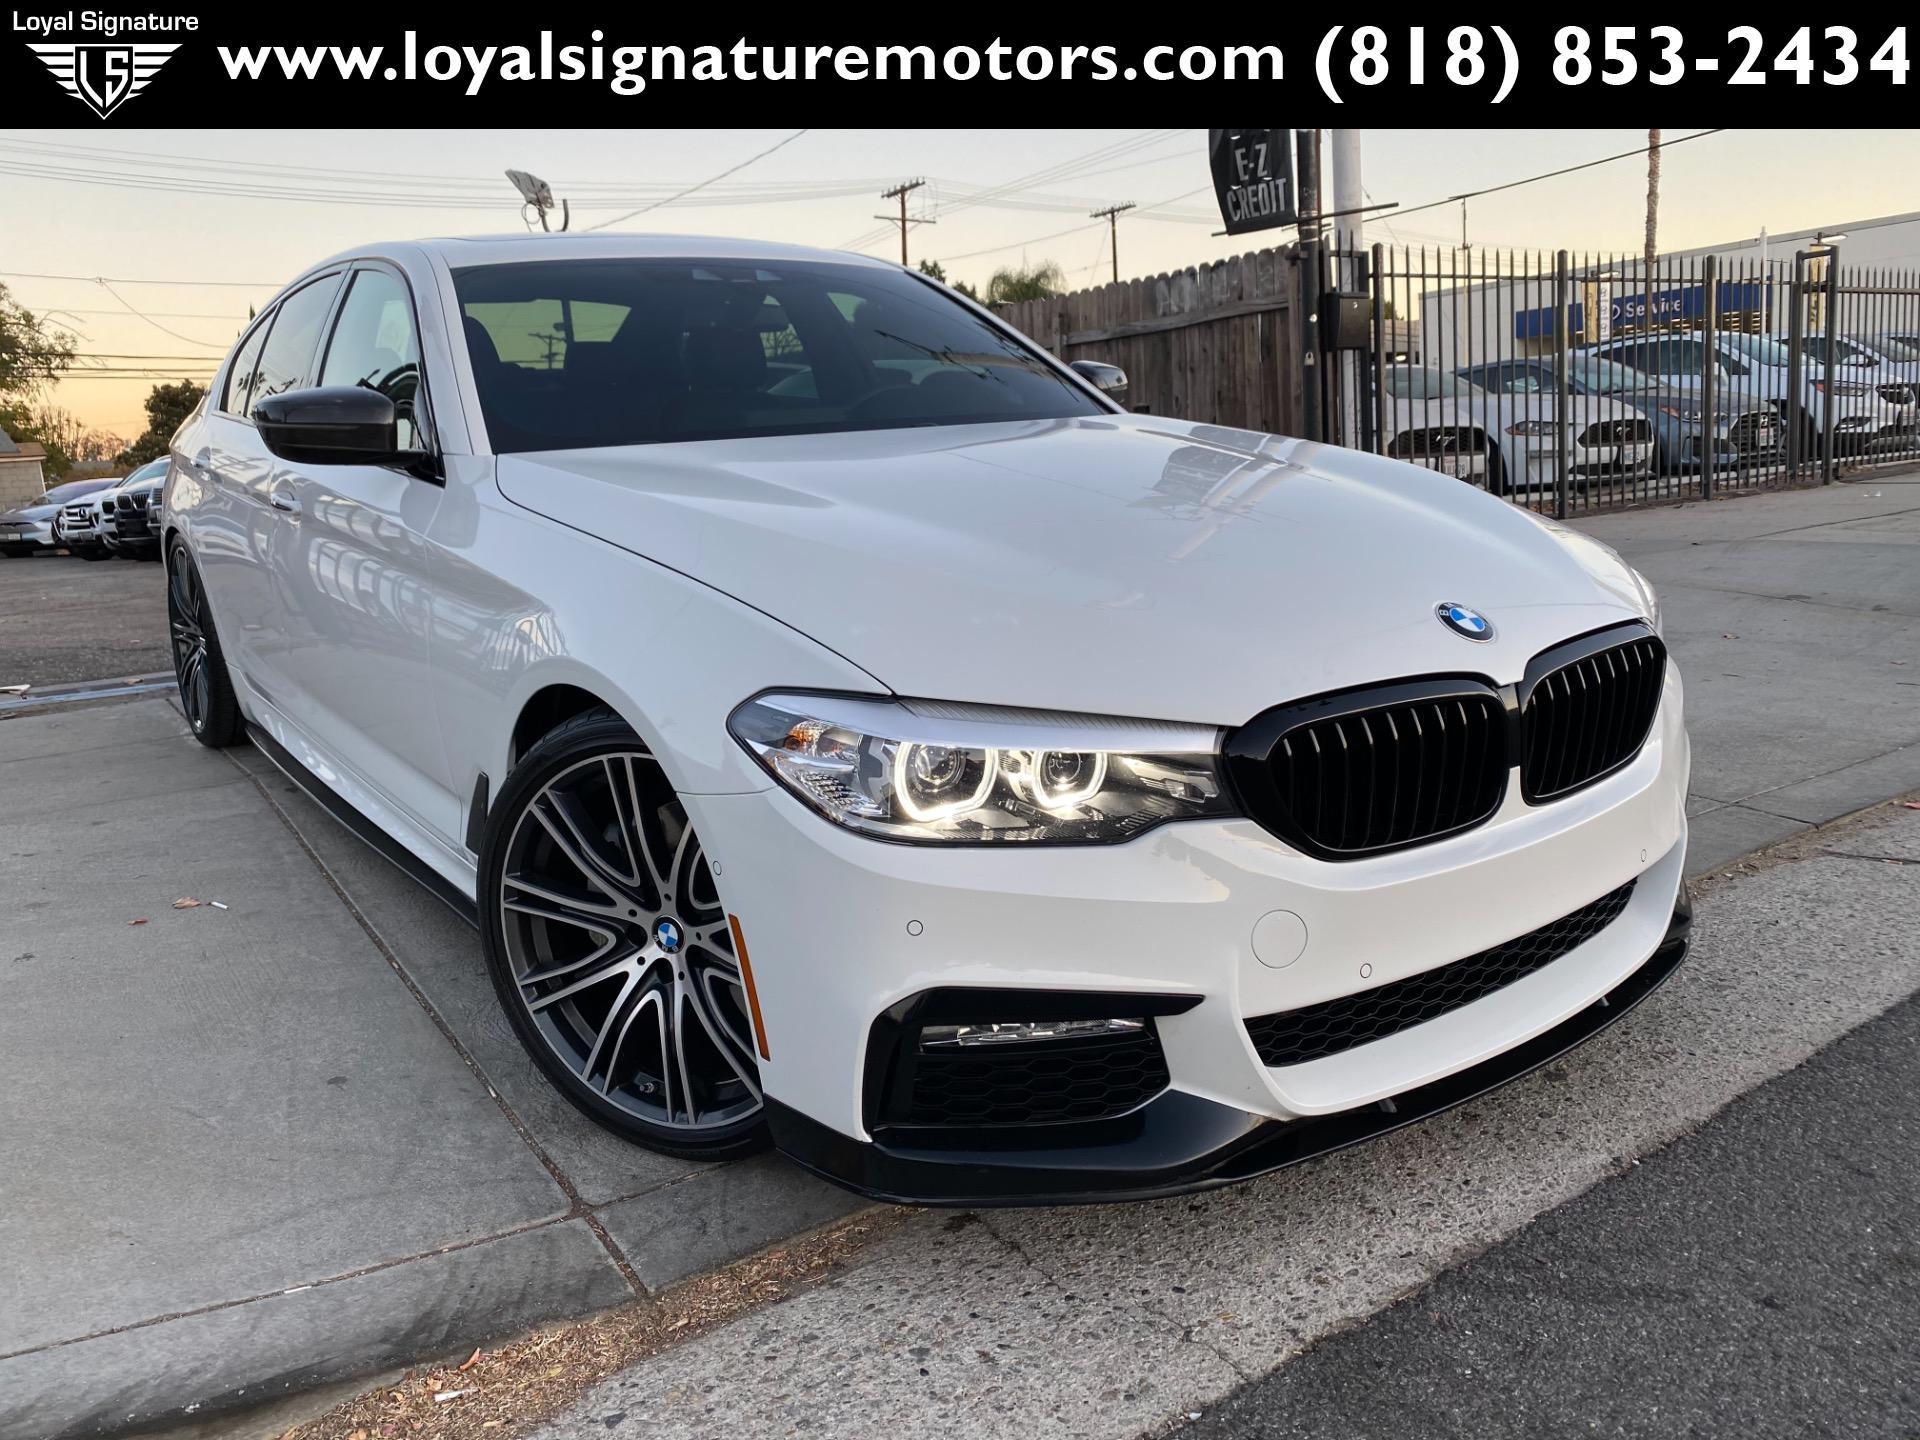 Used 2018 BMW 5 Series 530e iPerformance | Van Nuys, CA